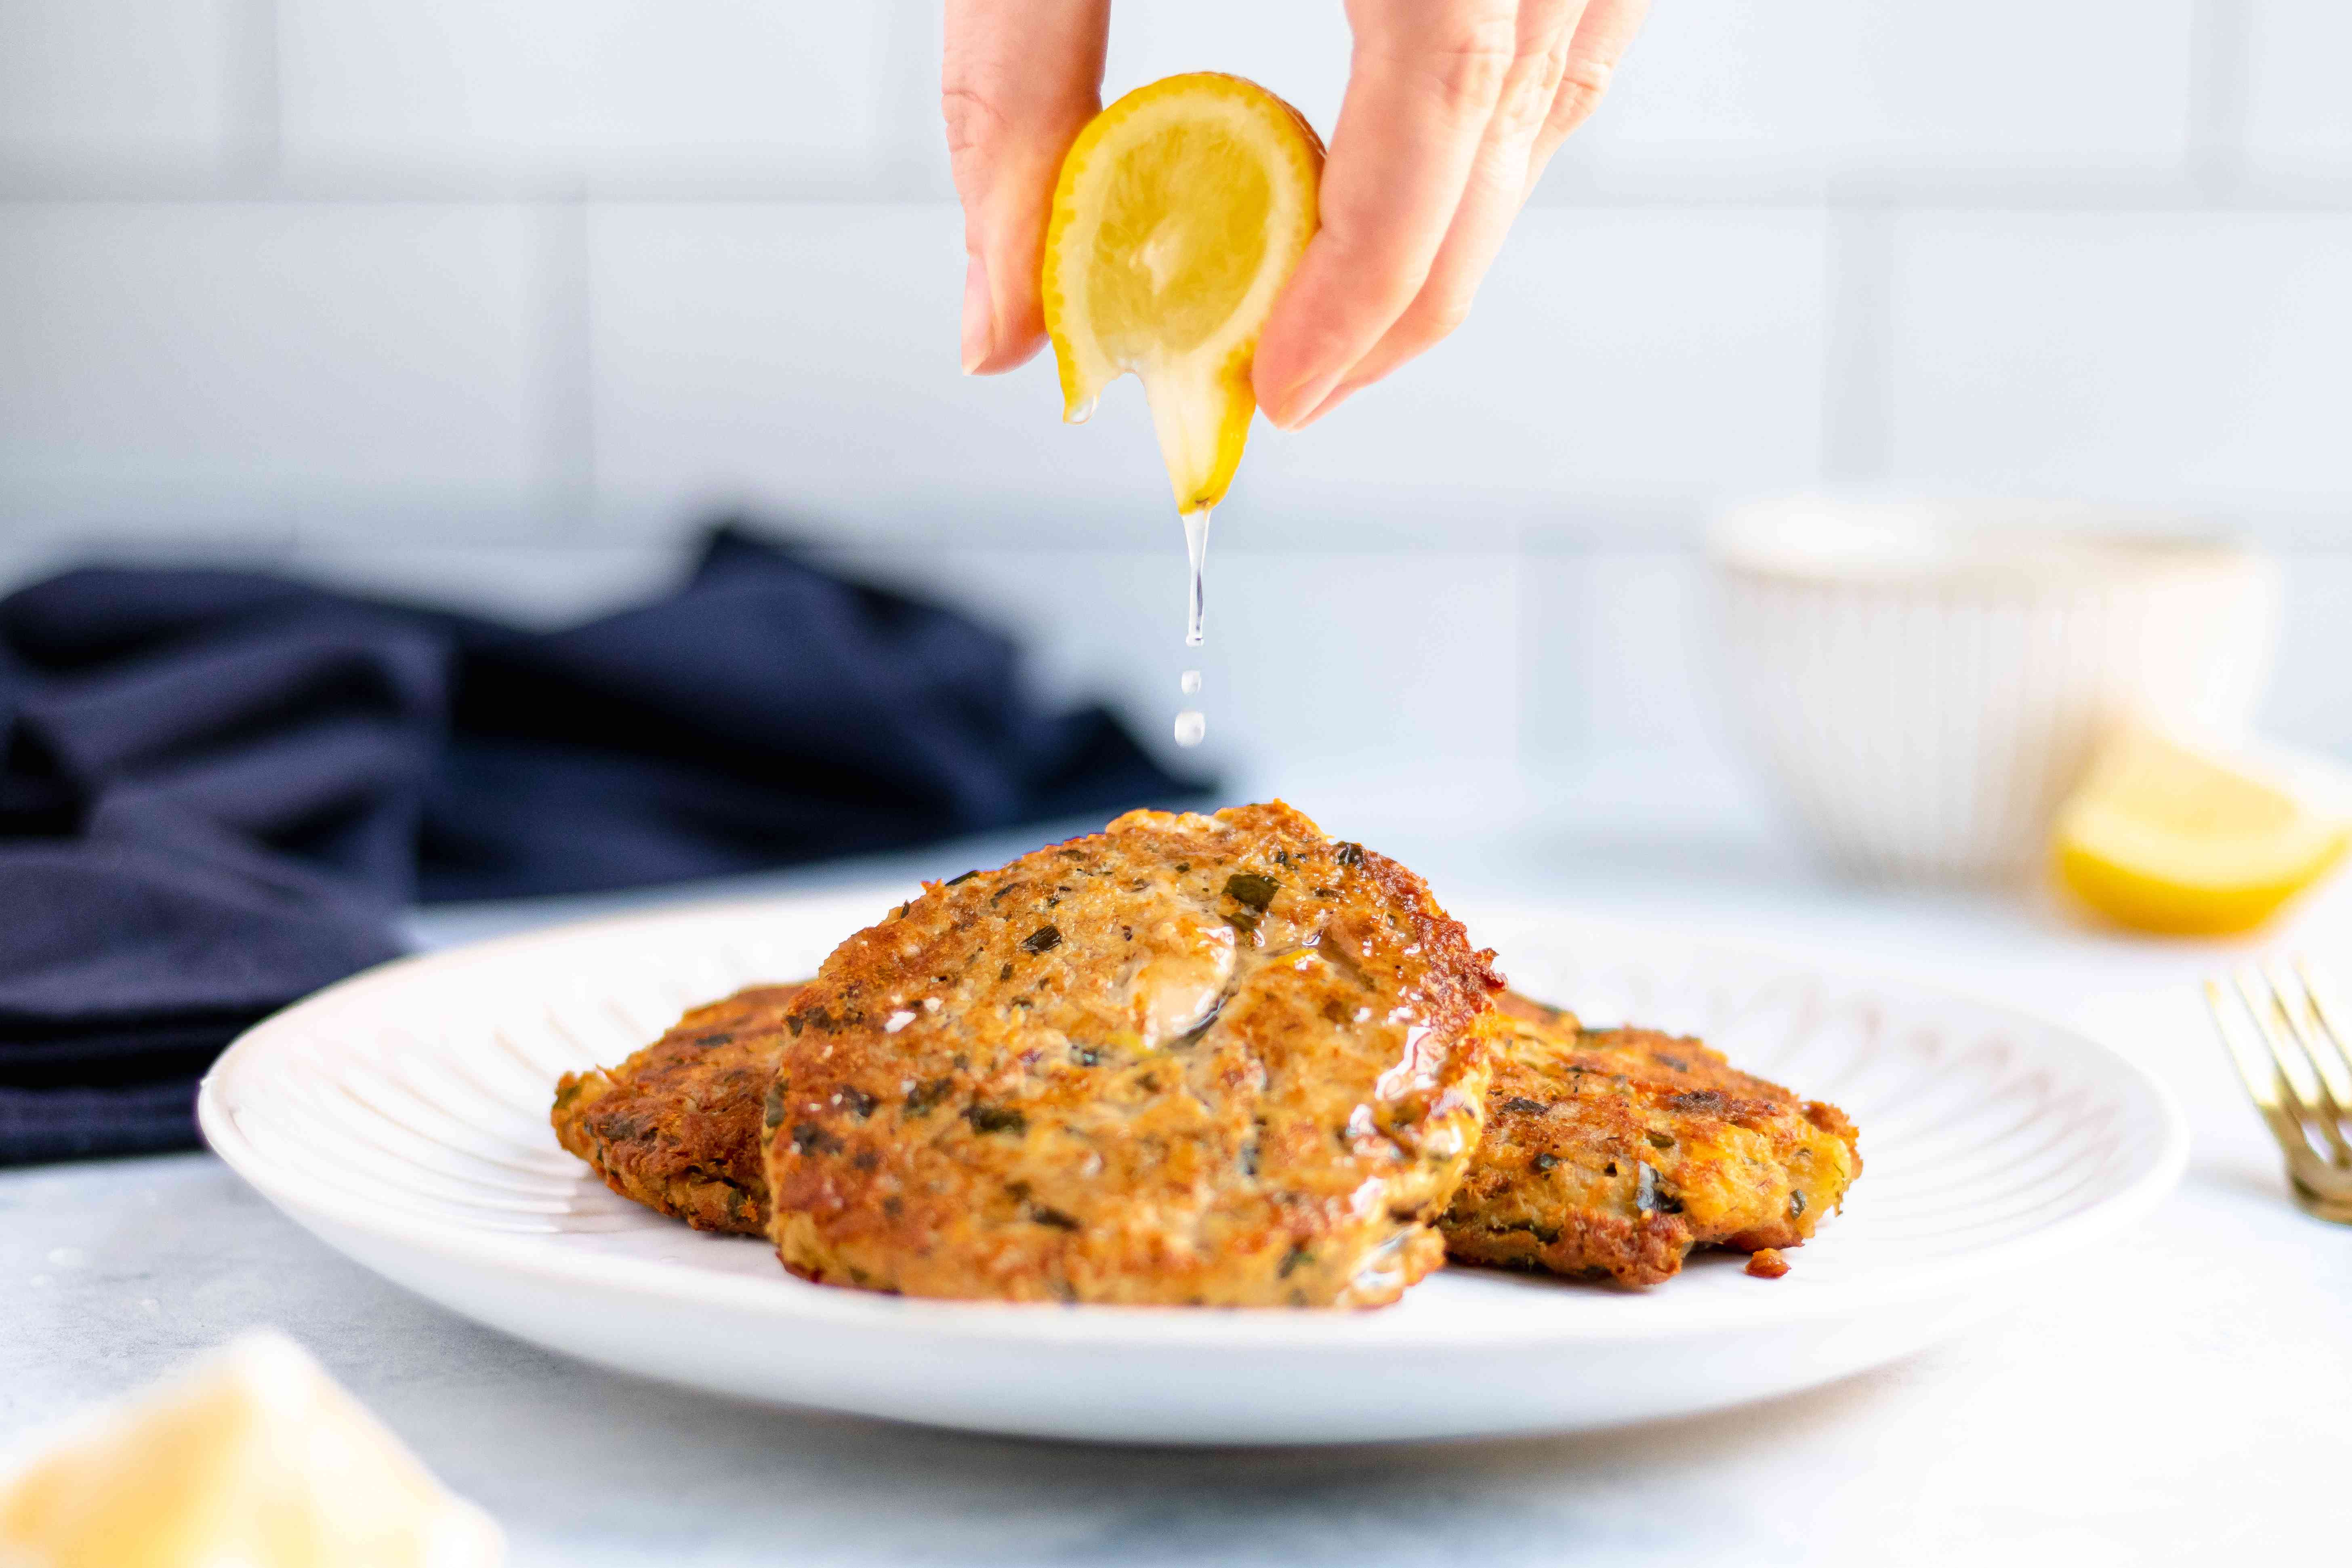 Squeezing lemon on tuna cakes.